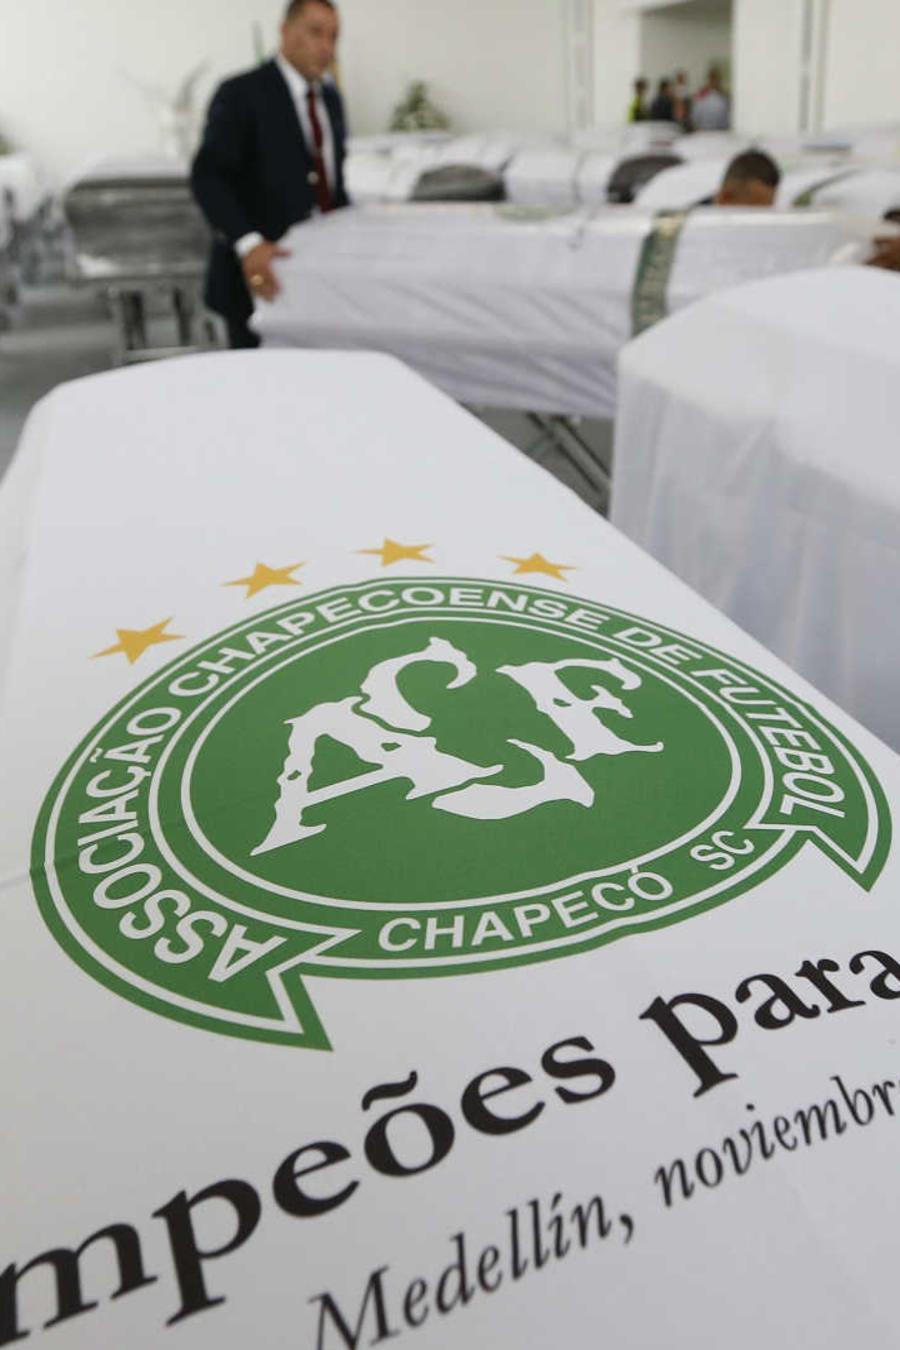 Club argentino lucirá escudo de Chapecoense